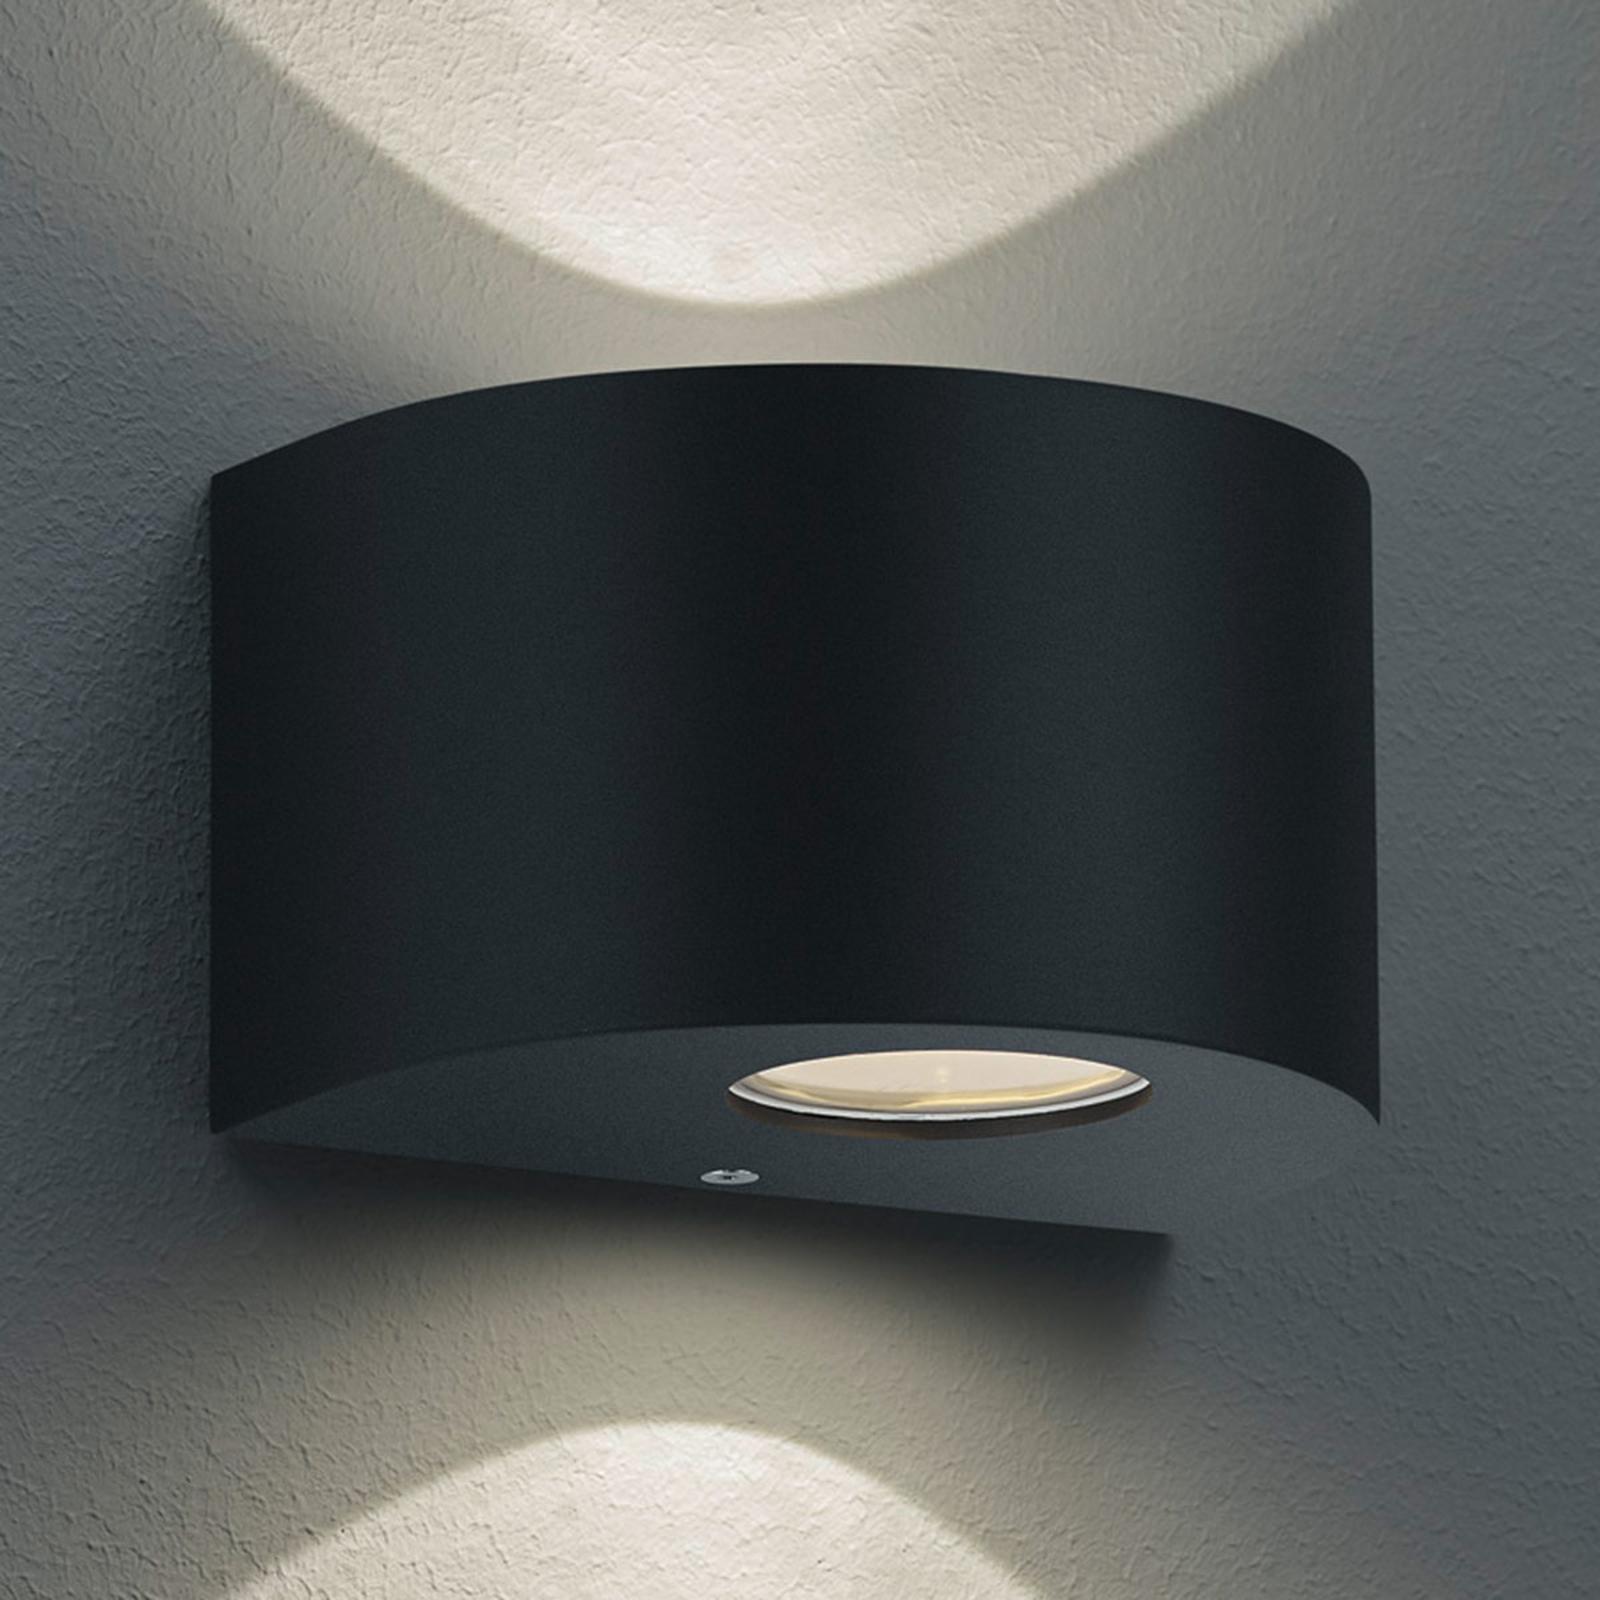 Okrągła kinkiet zewnętrzny LED Rosario, czarny